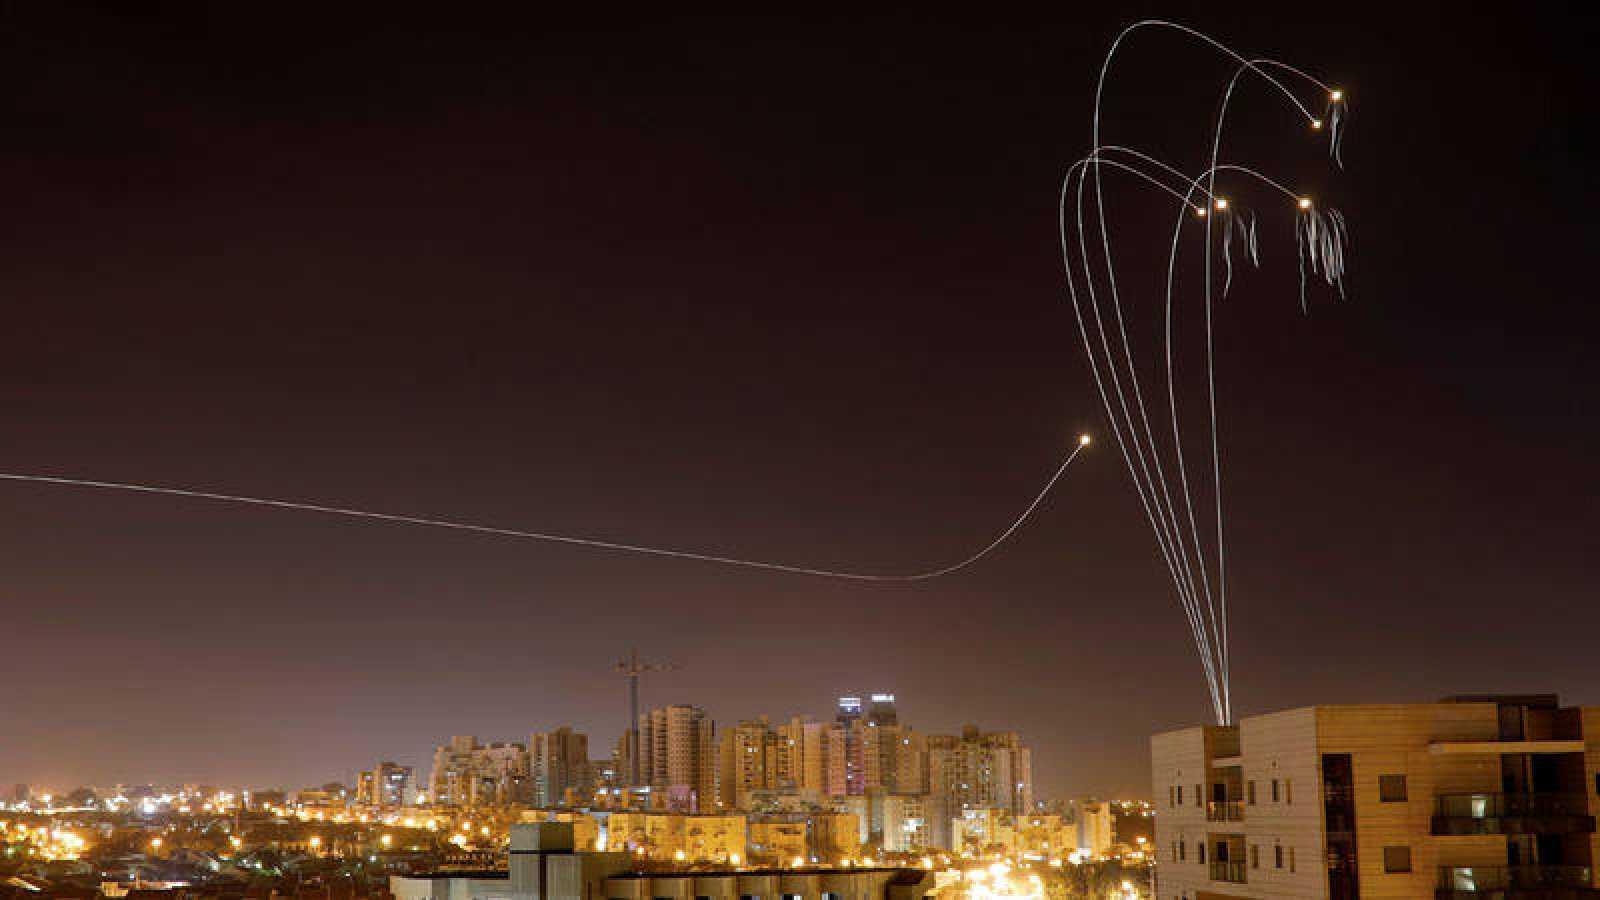 El grupo terrorista Hamas lanzó más de 600 misiles a Israel desde Gaza